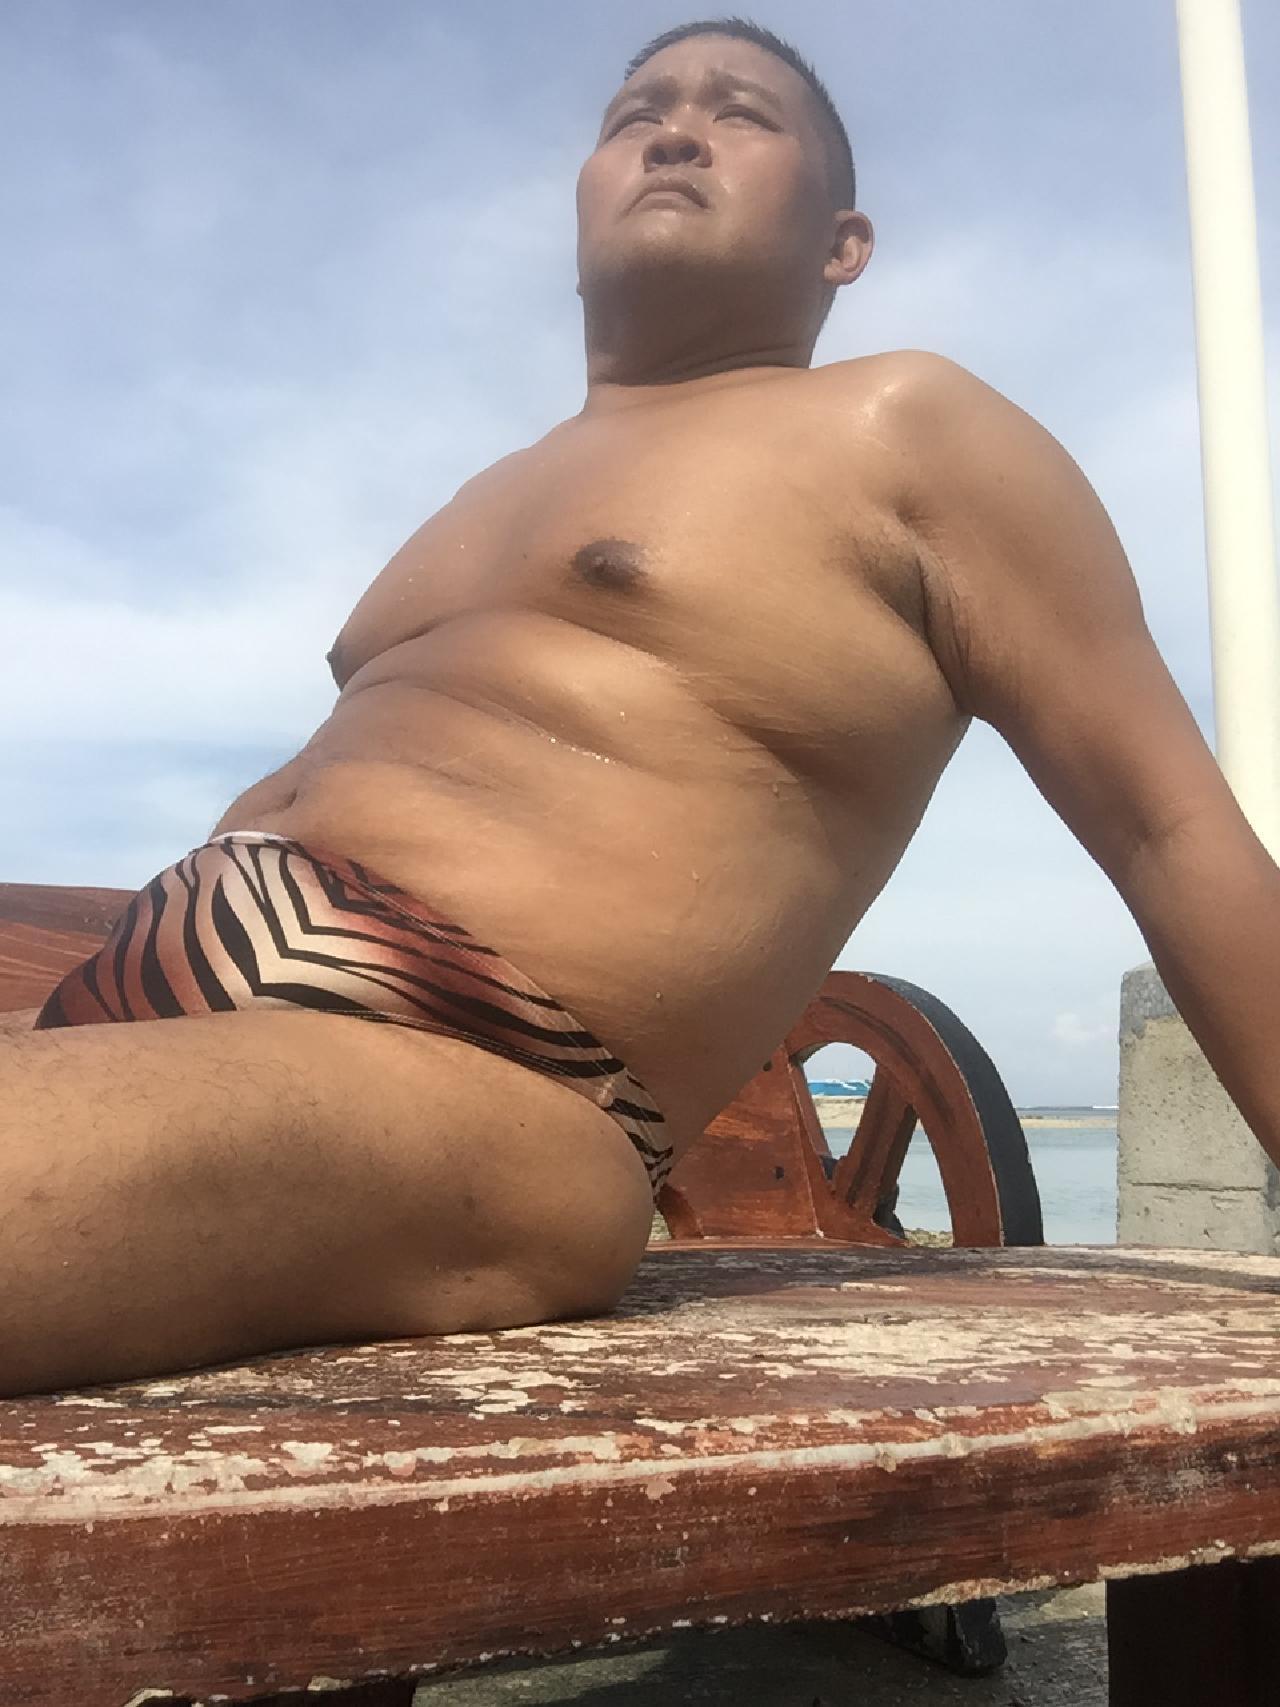 Bikini sun bather (122/218)